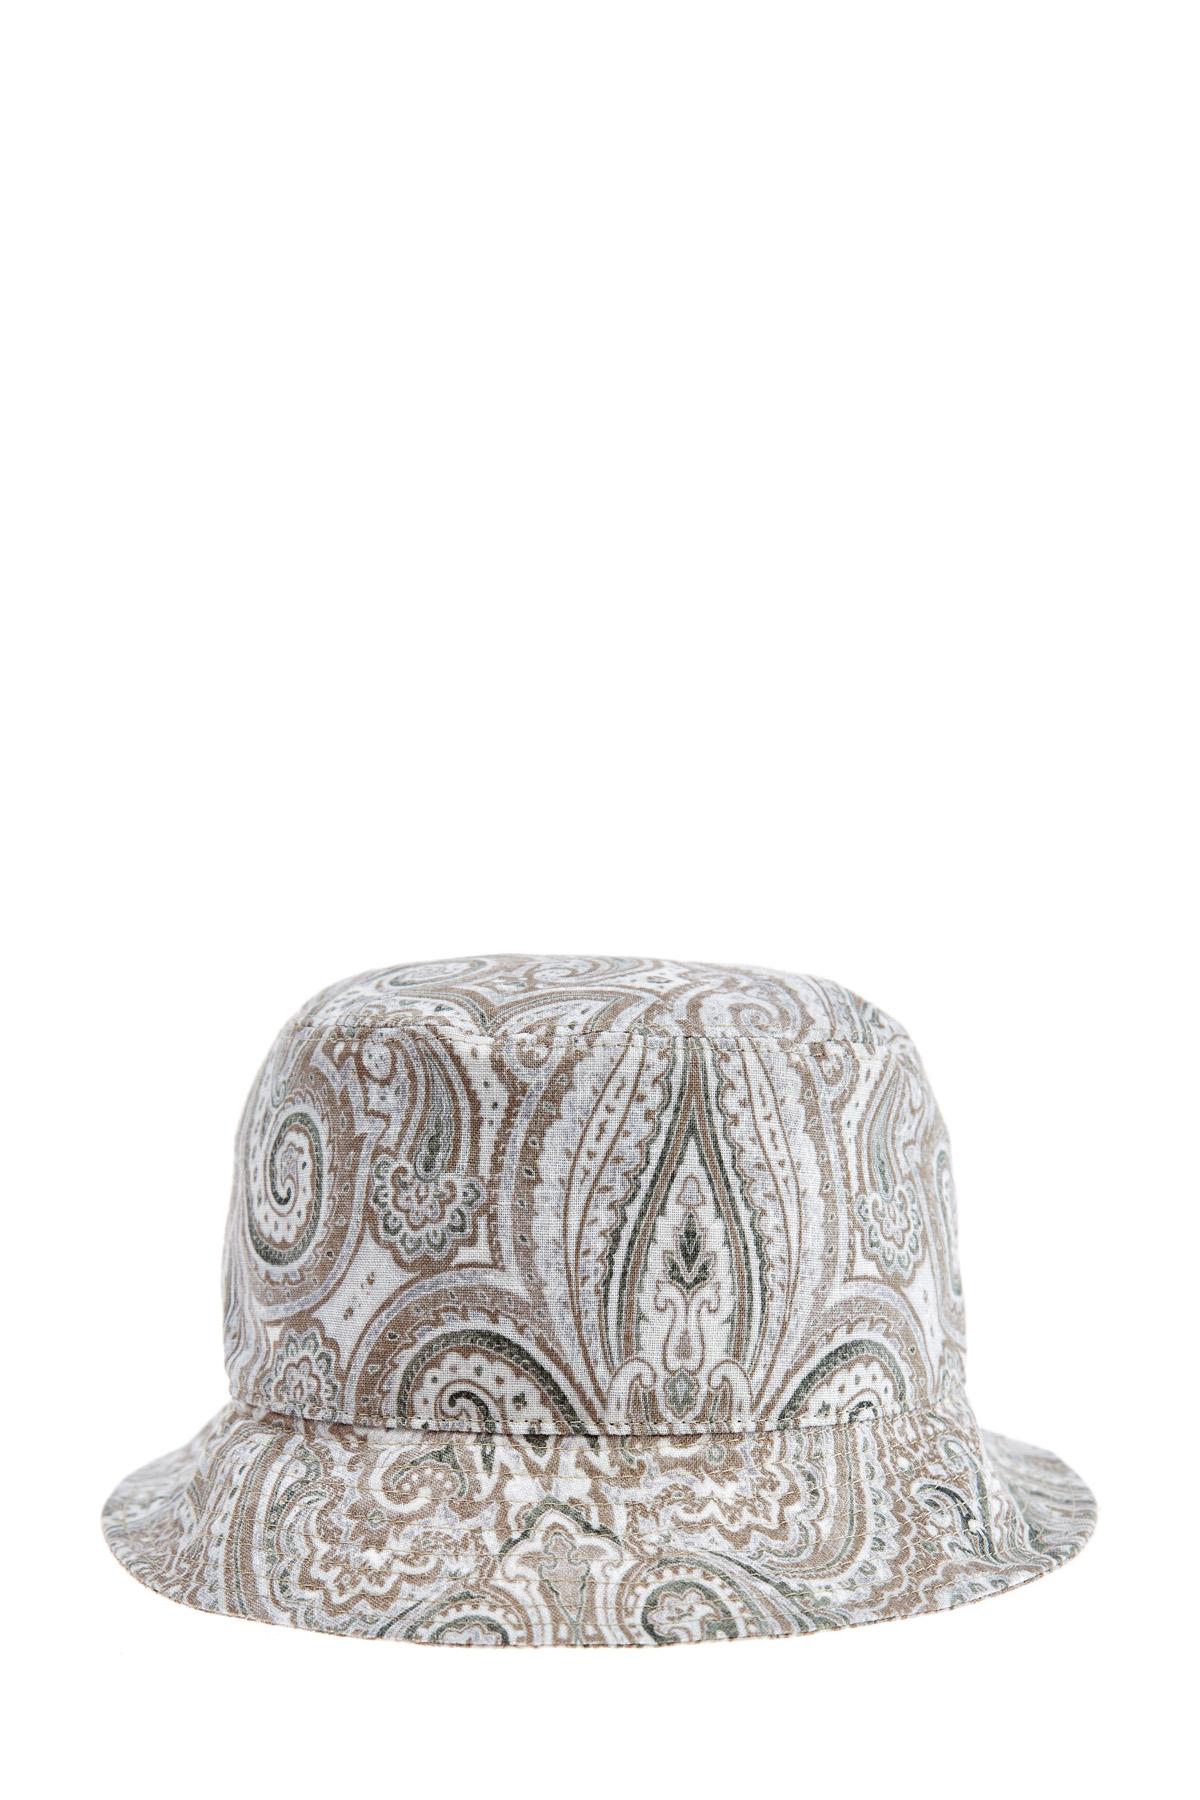 Купить Шляпа из натурального льна с узором пейсли и стегаными полями, ETRO, Италия, лен 100%